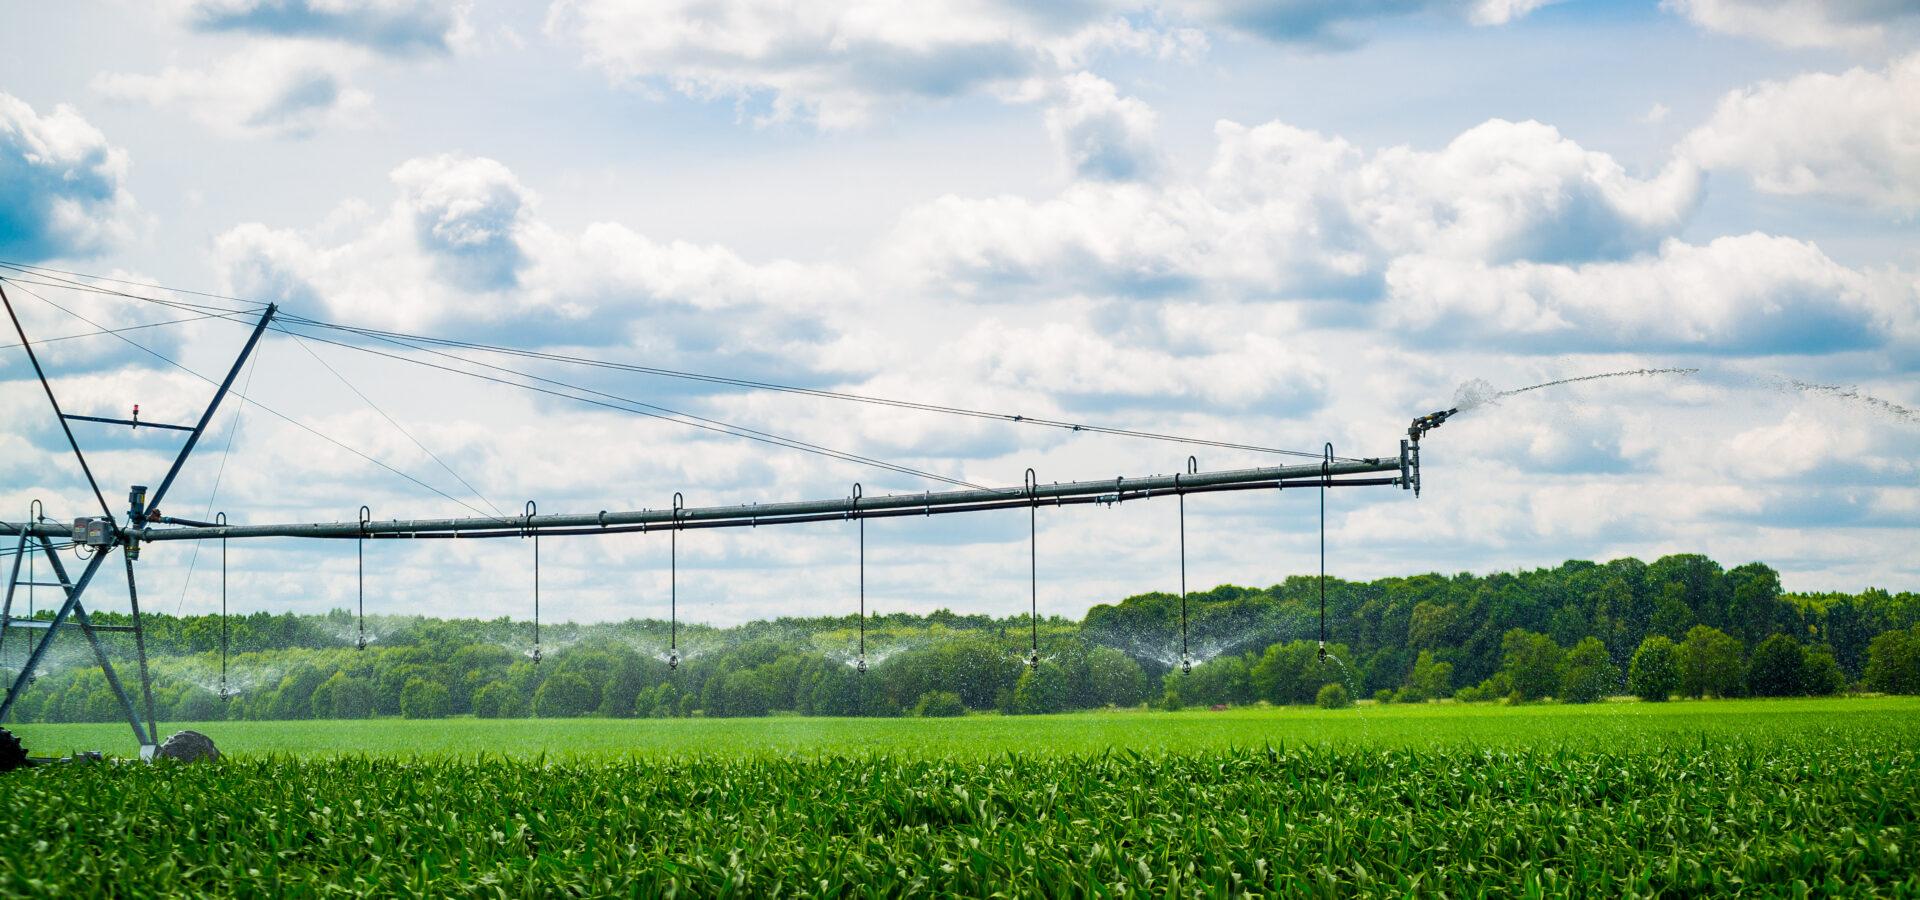 Agri-food tech start-ups